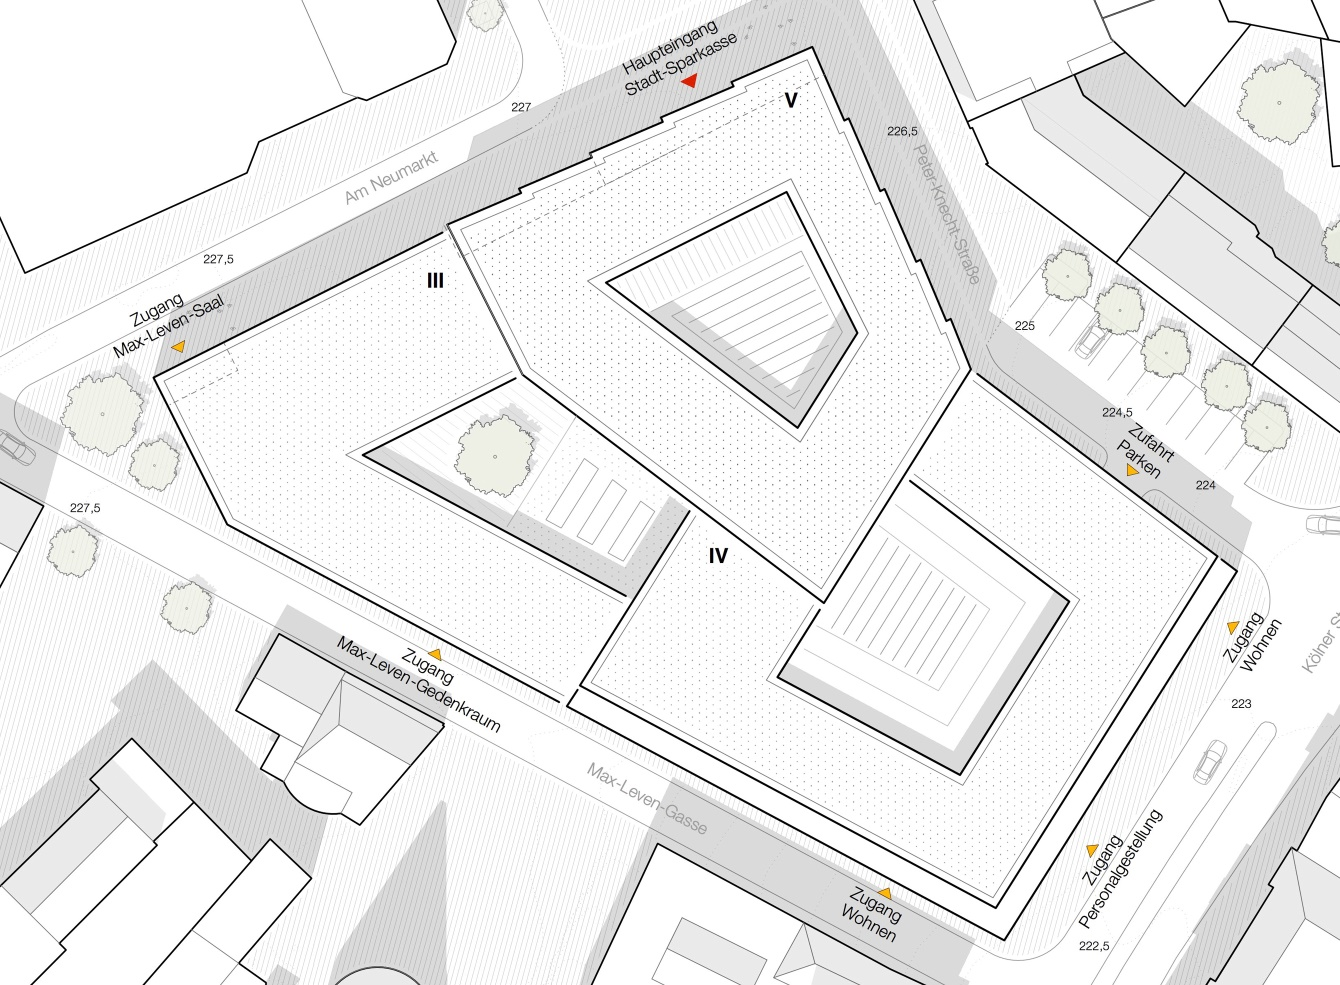 Perspektive für Bildungs- und Gedenkstätte an der Max-Leven-Gasse